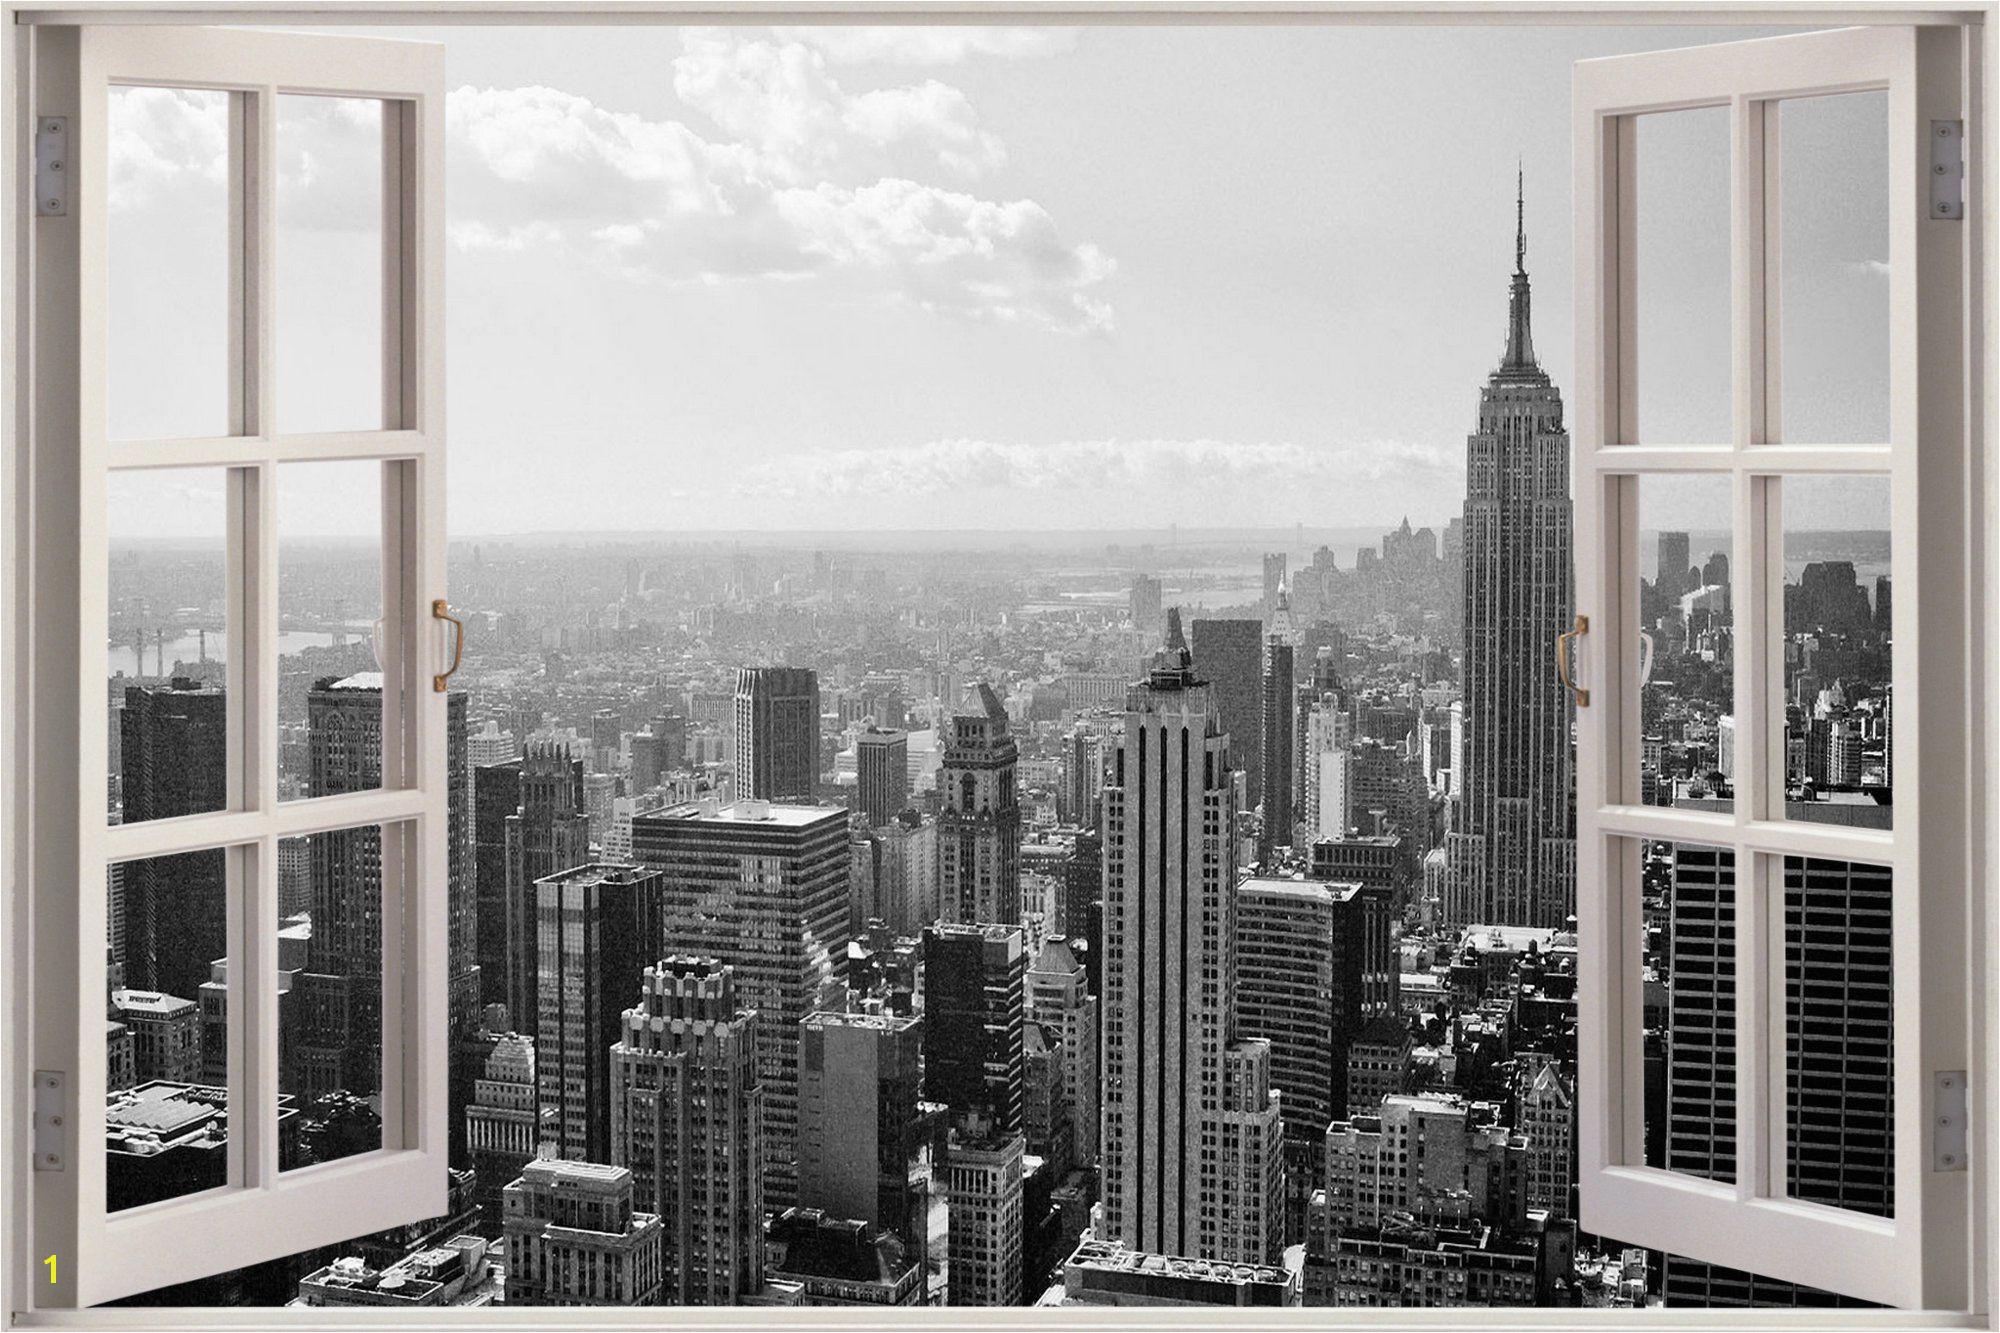 New York City Wall Murals Cheap Huge 3d Window New York City View Wall Stickers Mural Art Decal